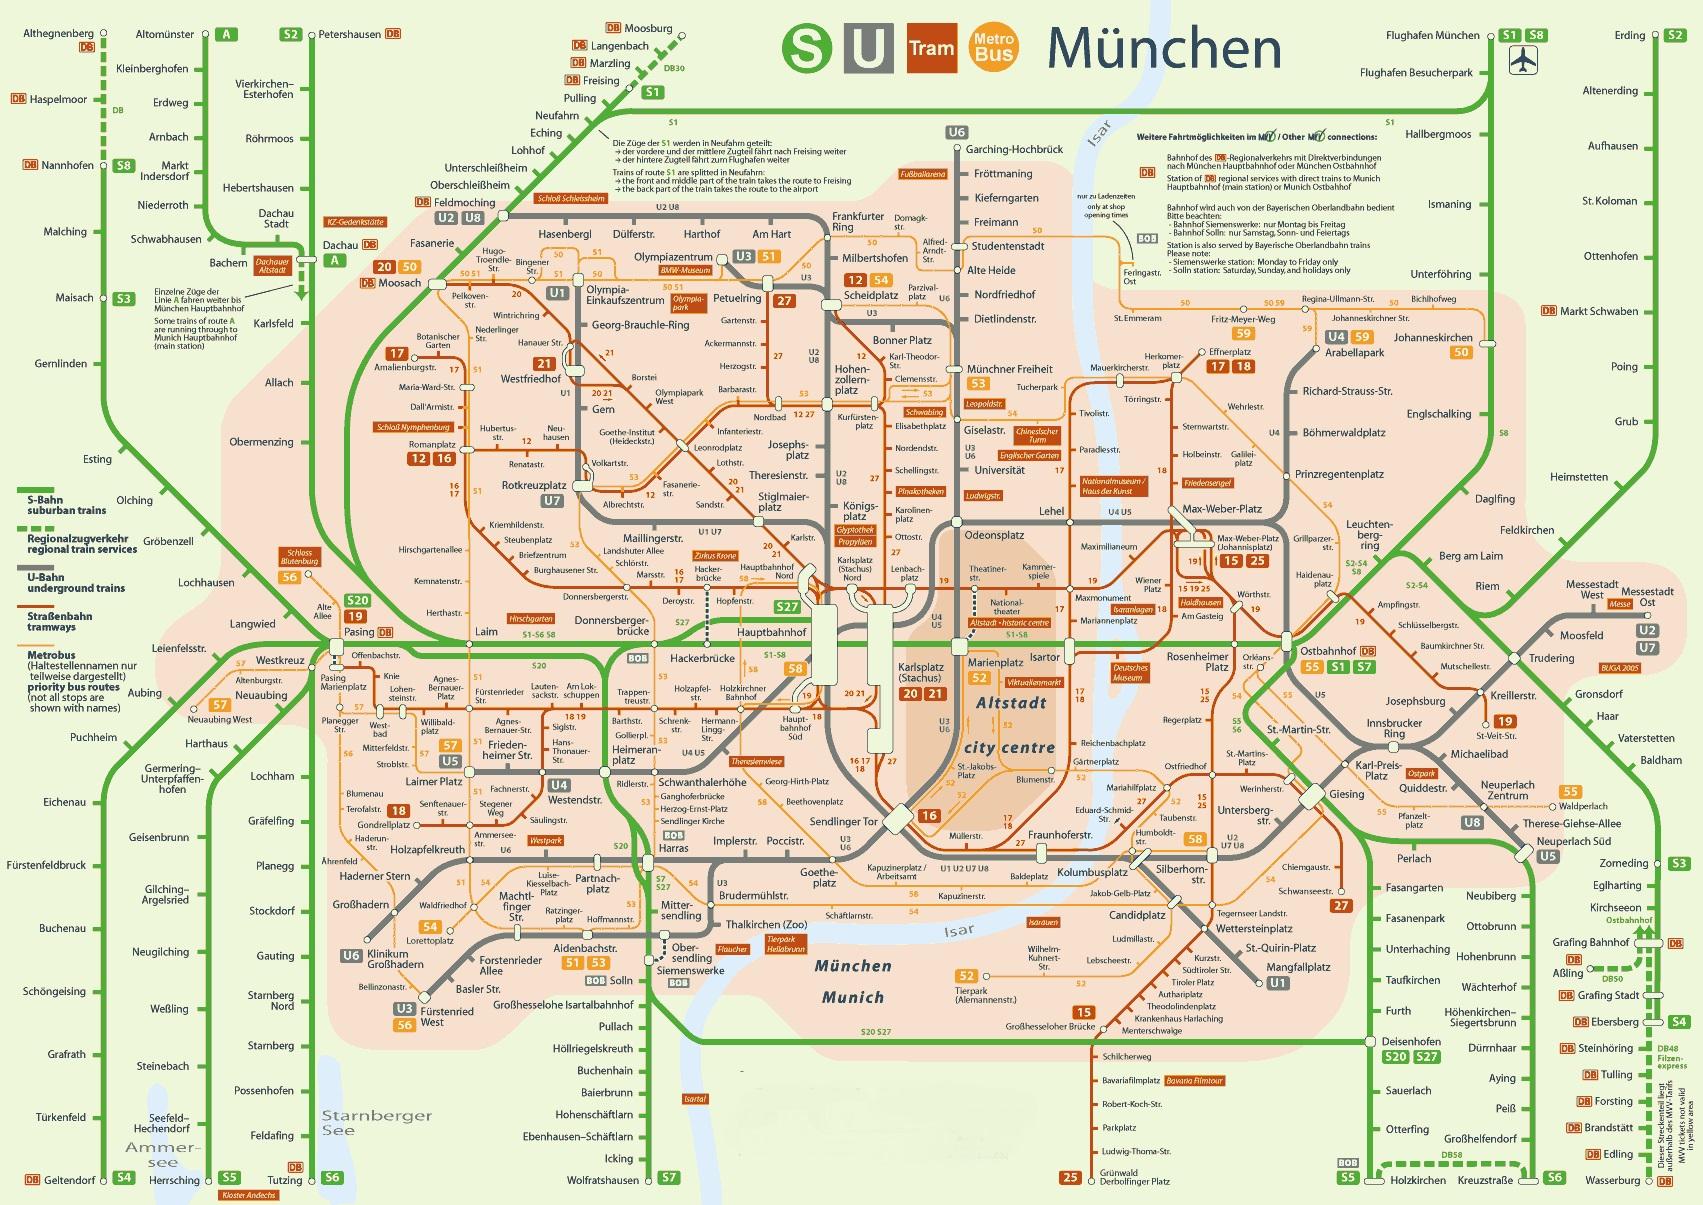 Карта казино германия мюнхен справочник путеводитель онлайн покер играть на планшете